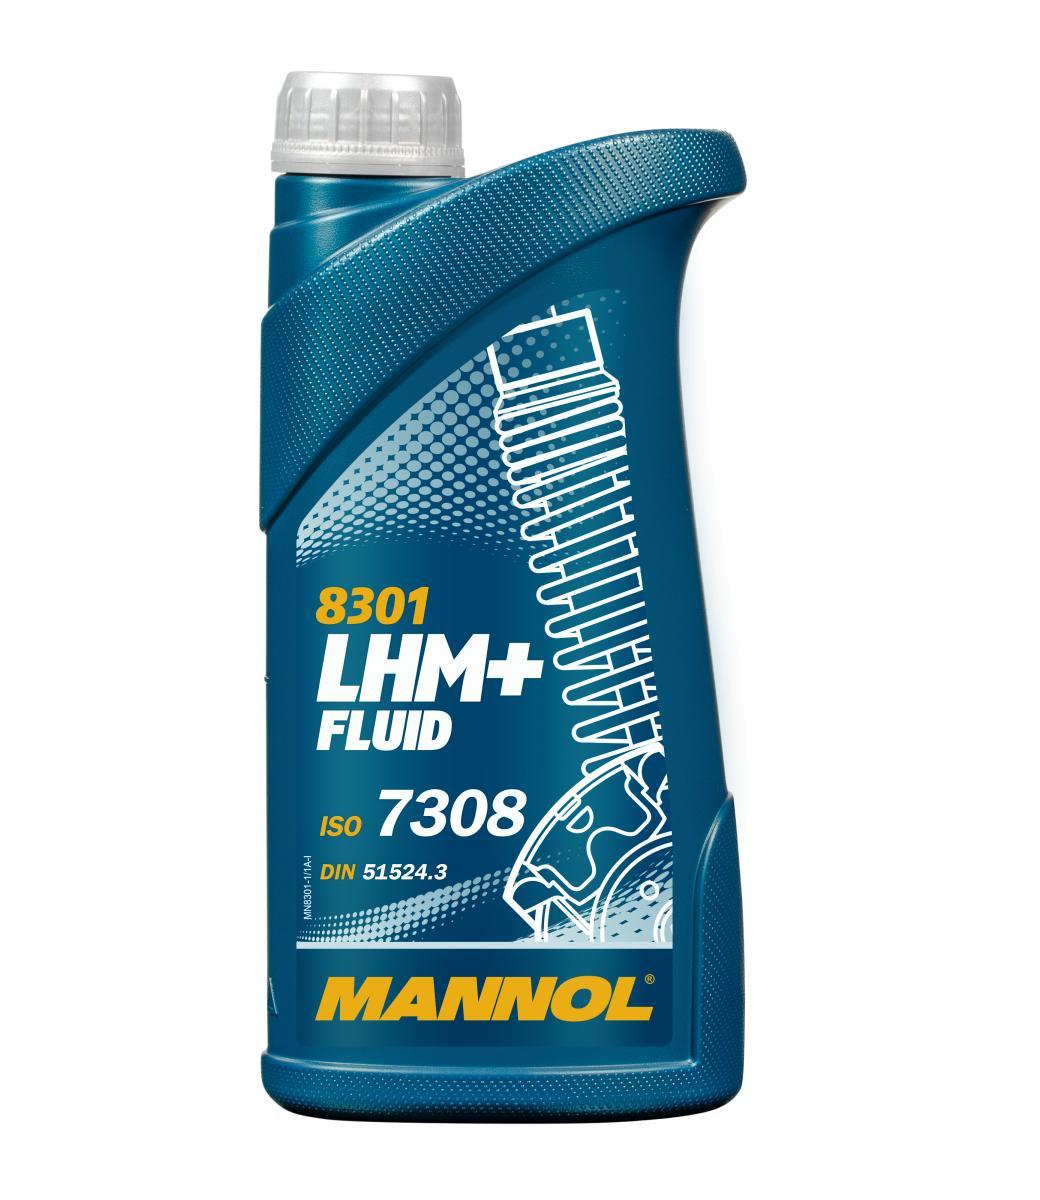 Mannol, Жидкость для ГУР LHM+Fluid 1л 2003